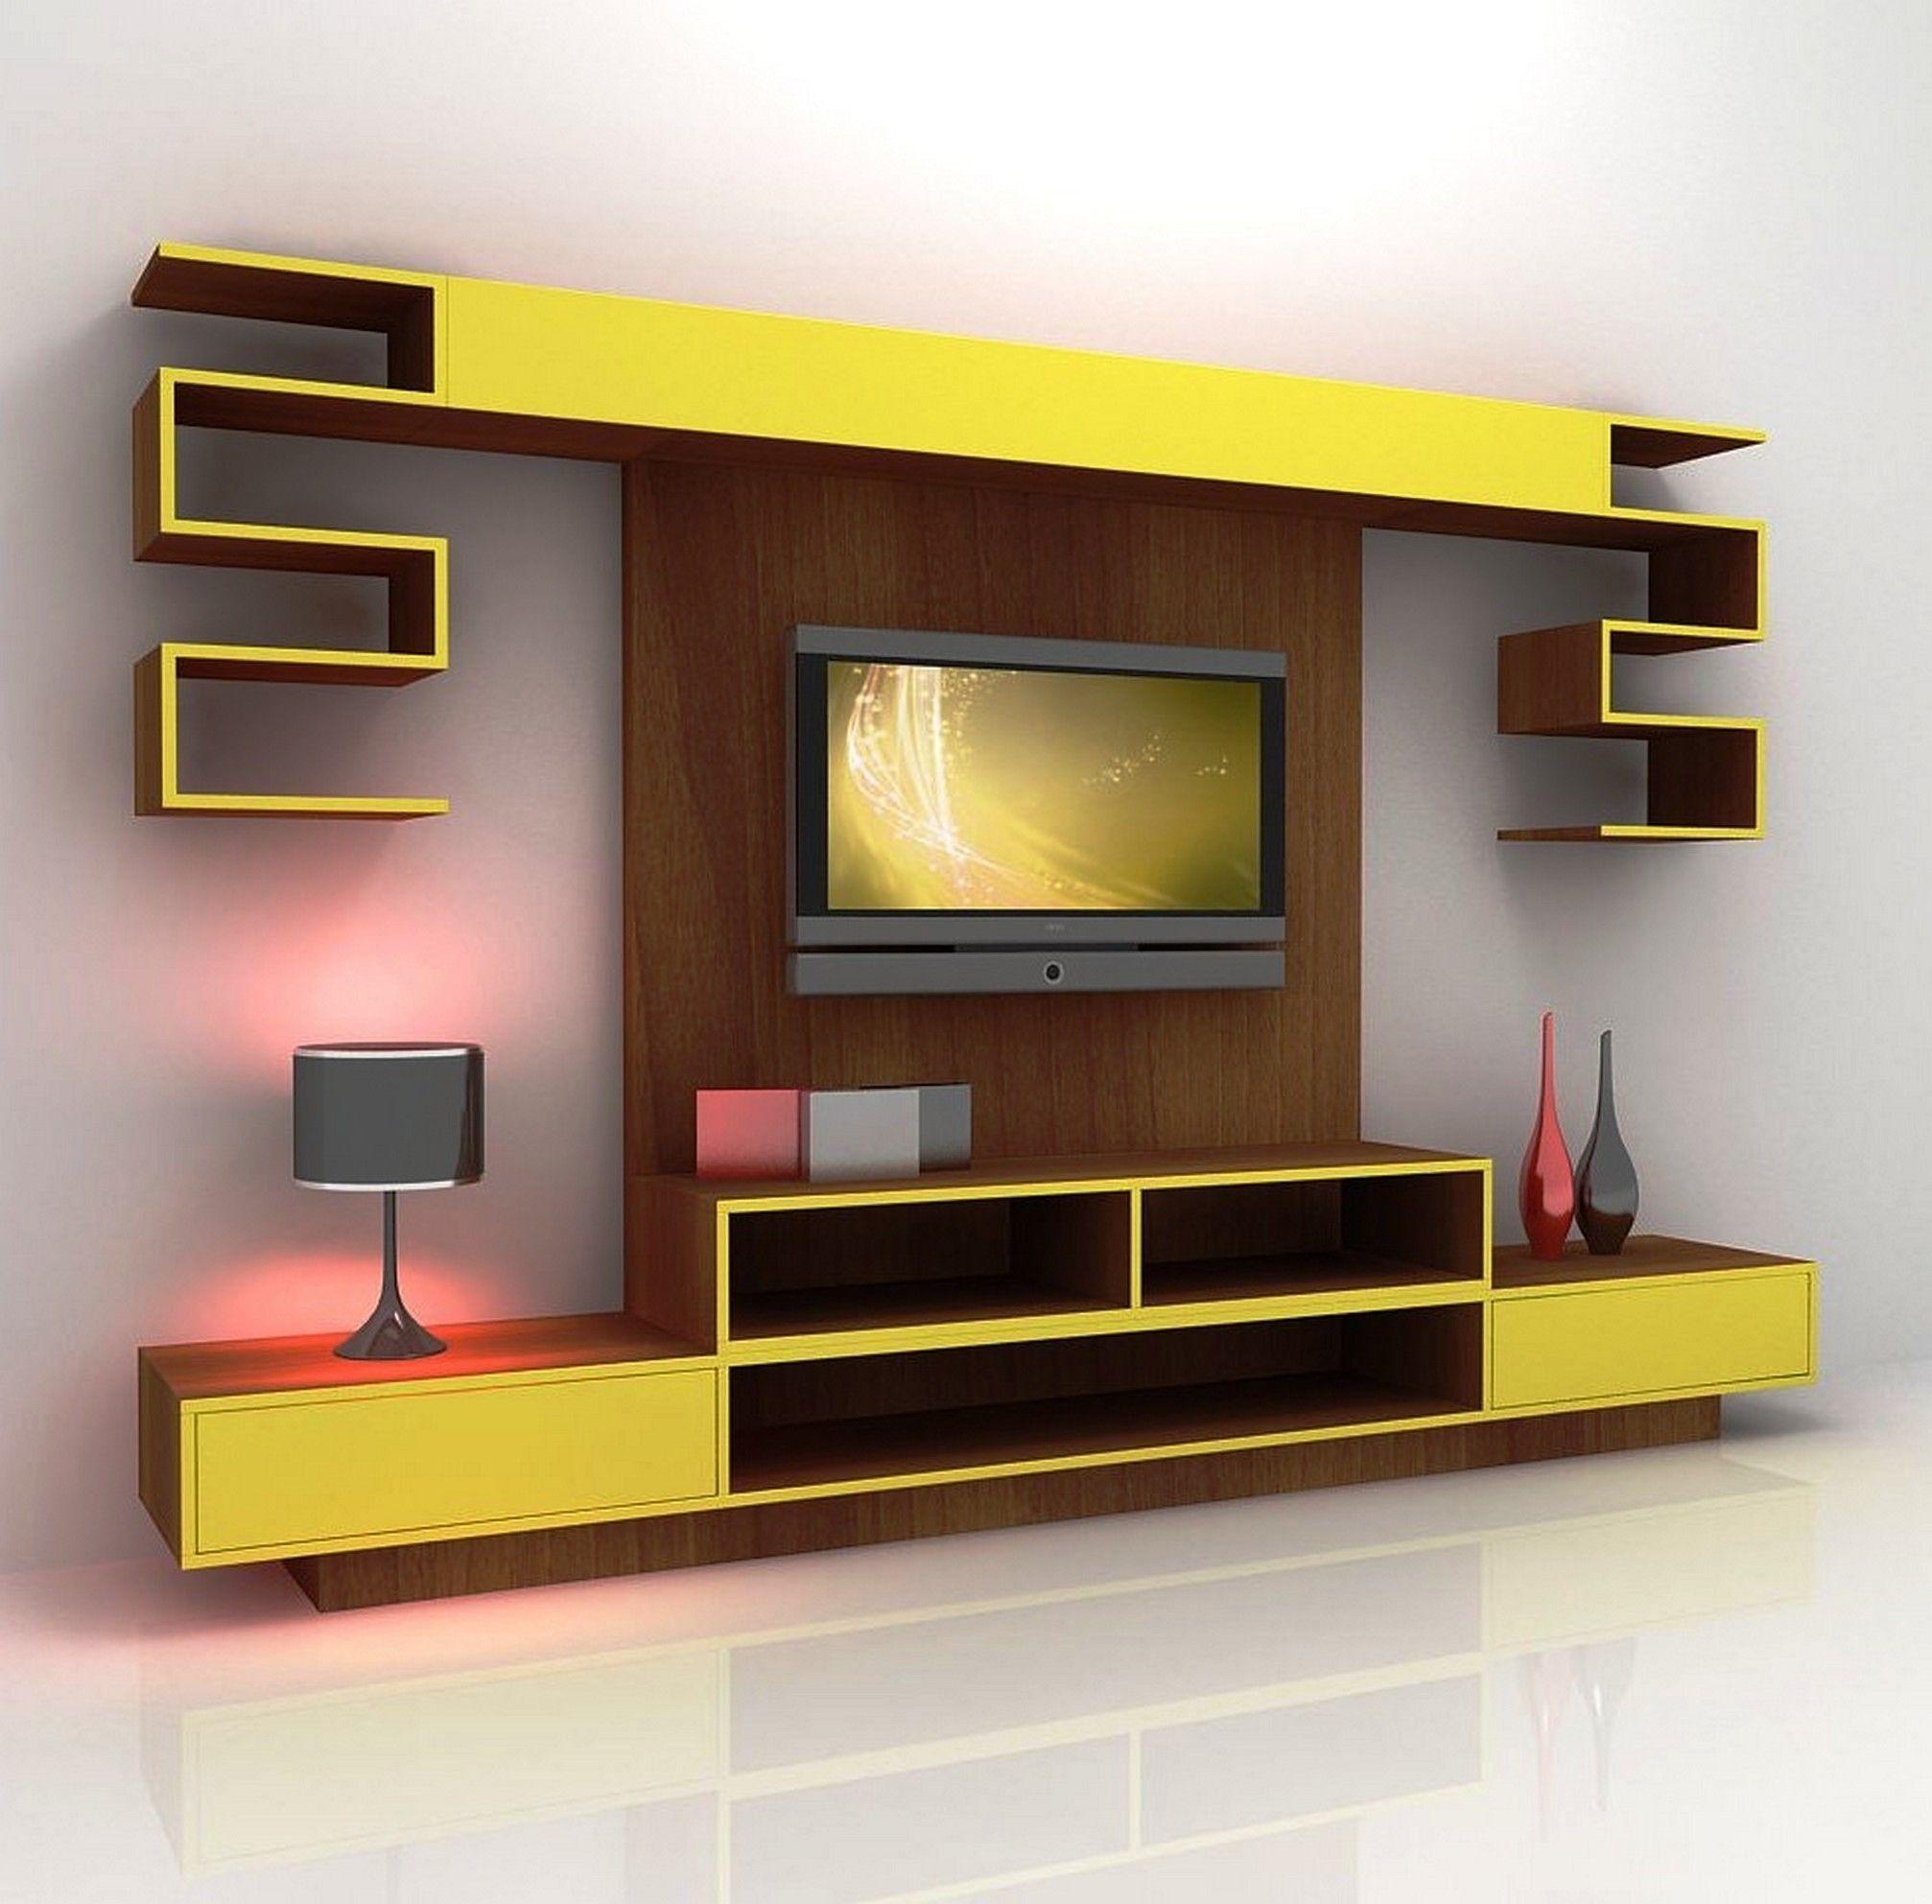 Flat Screen Tv Wall Mount Design Ideas Tv Wall Shelves Modern Tv Wall Units Wall Tv Unit Design